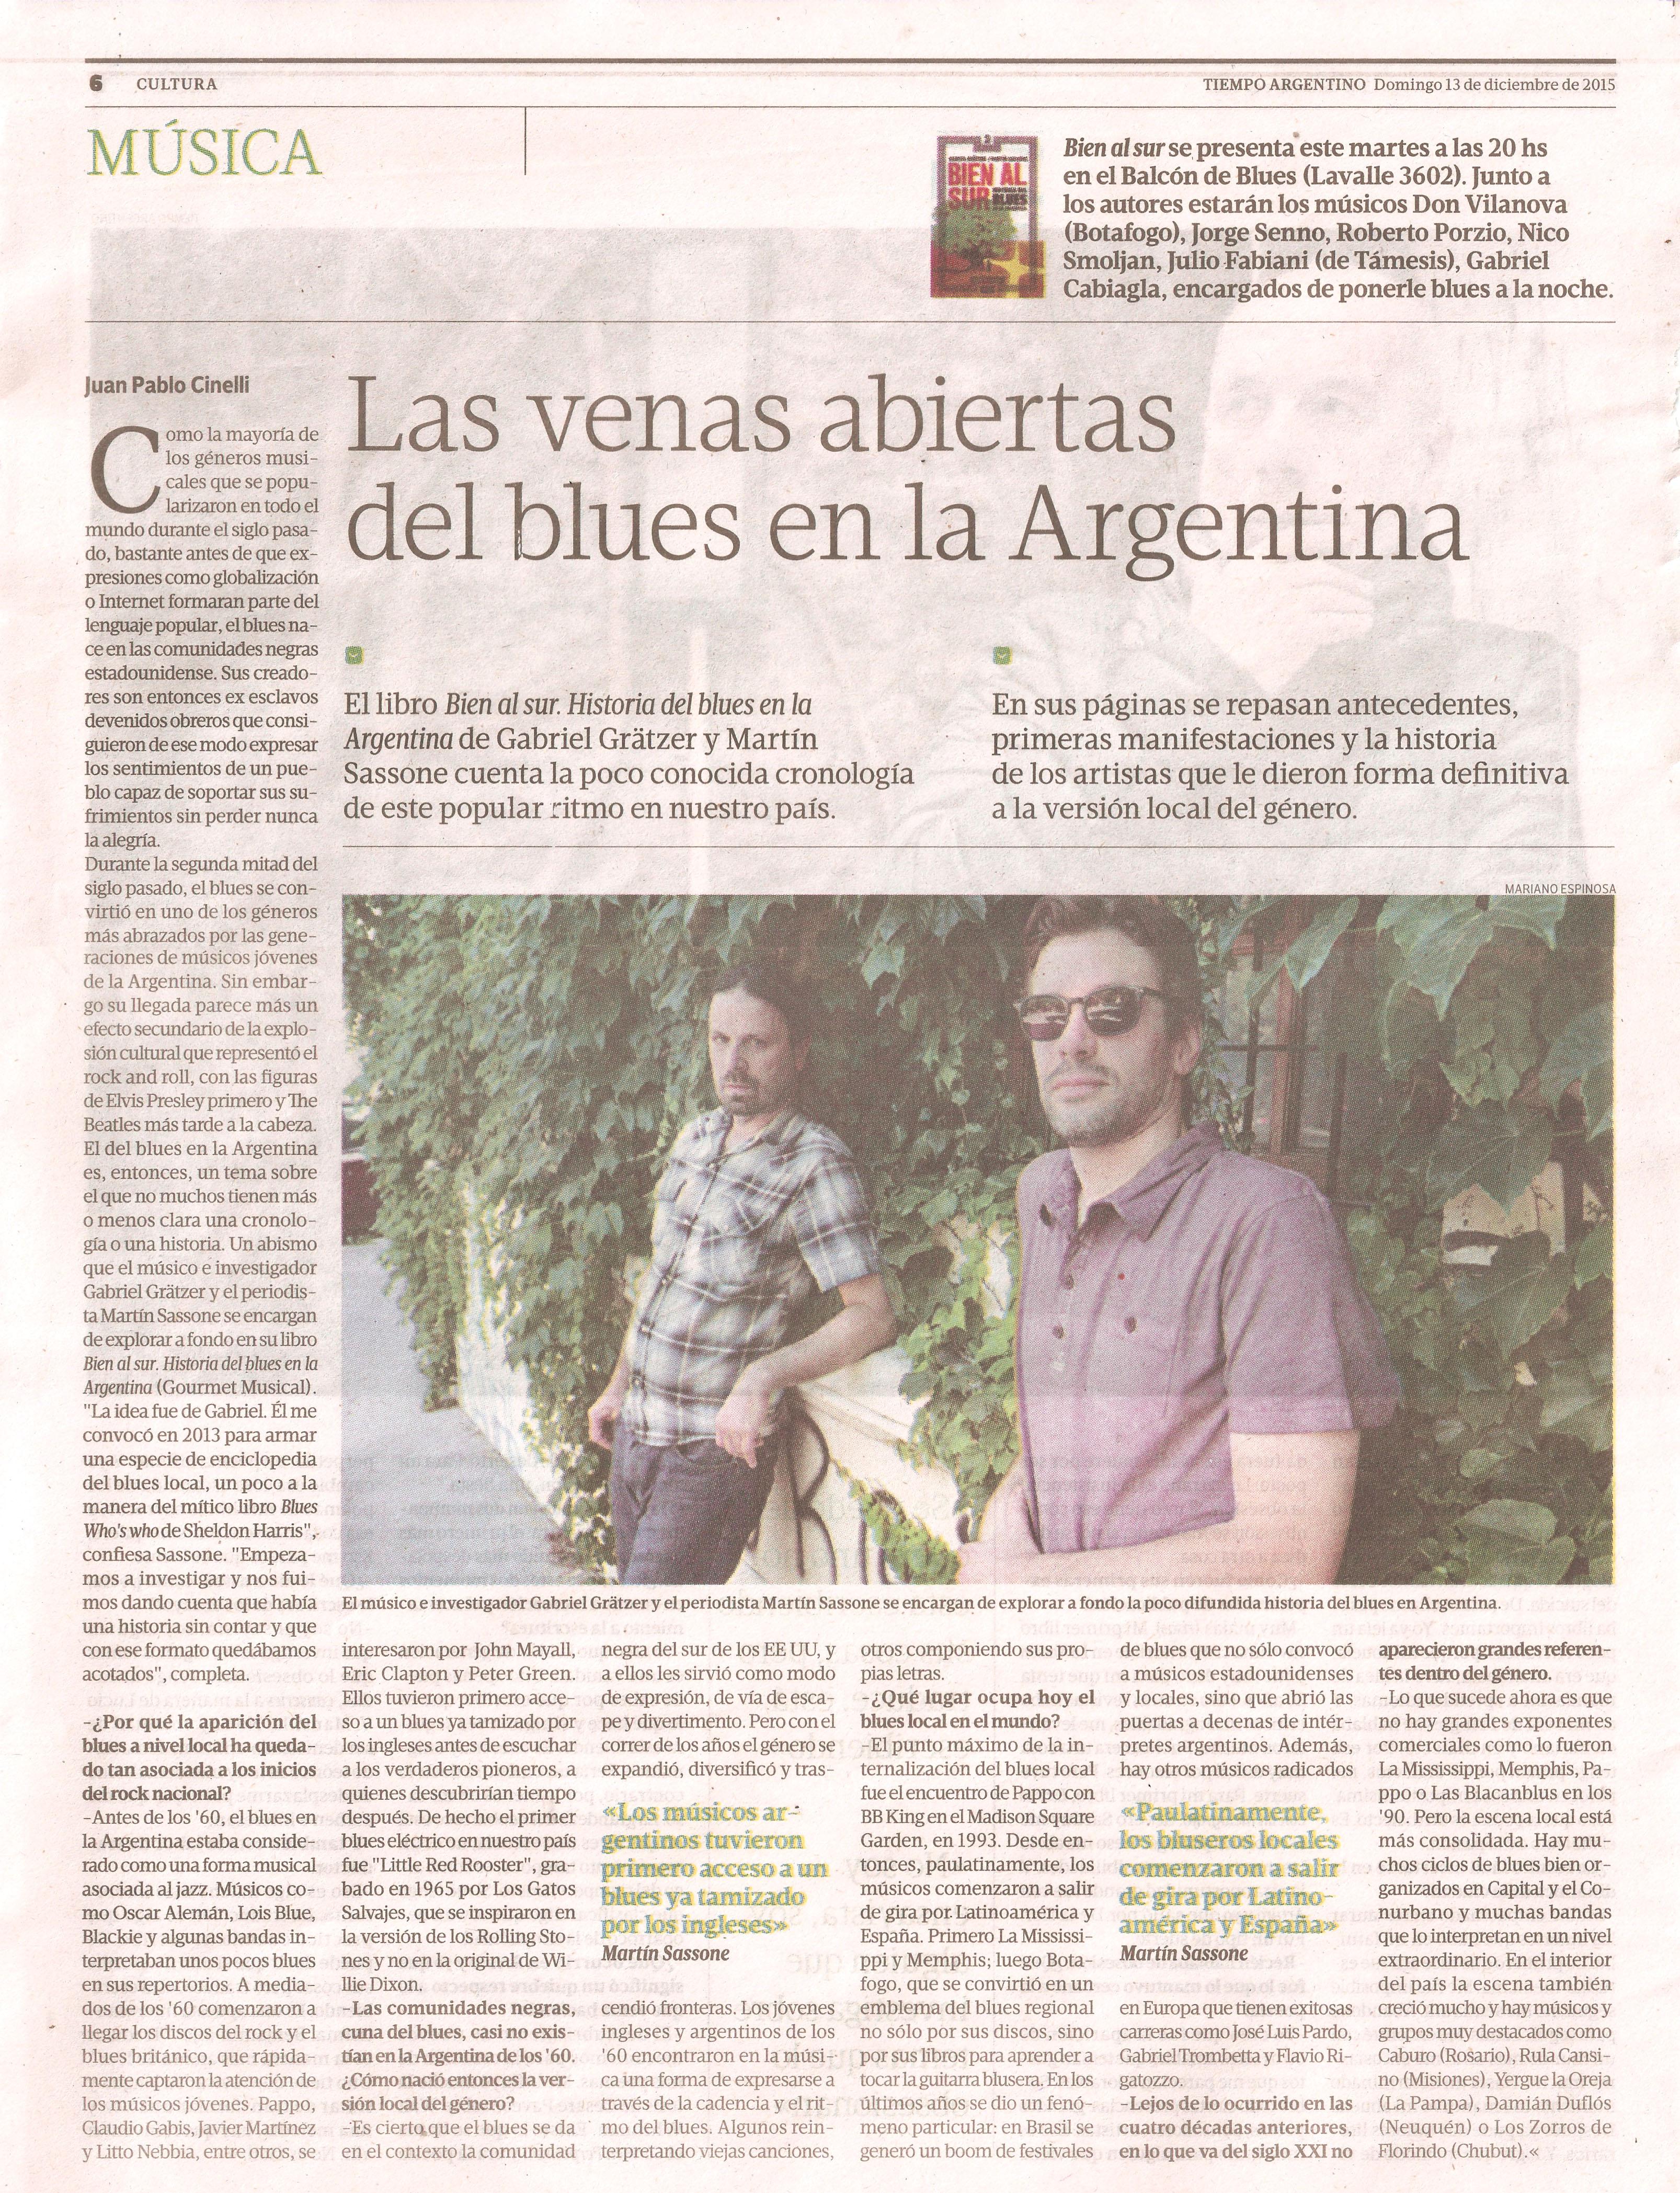 Bien al sur en Tiempo Argentino domingo 13 de diciembre